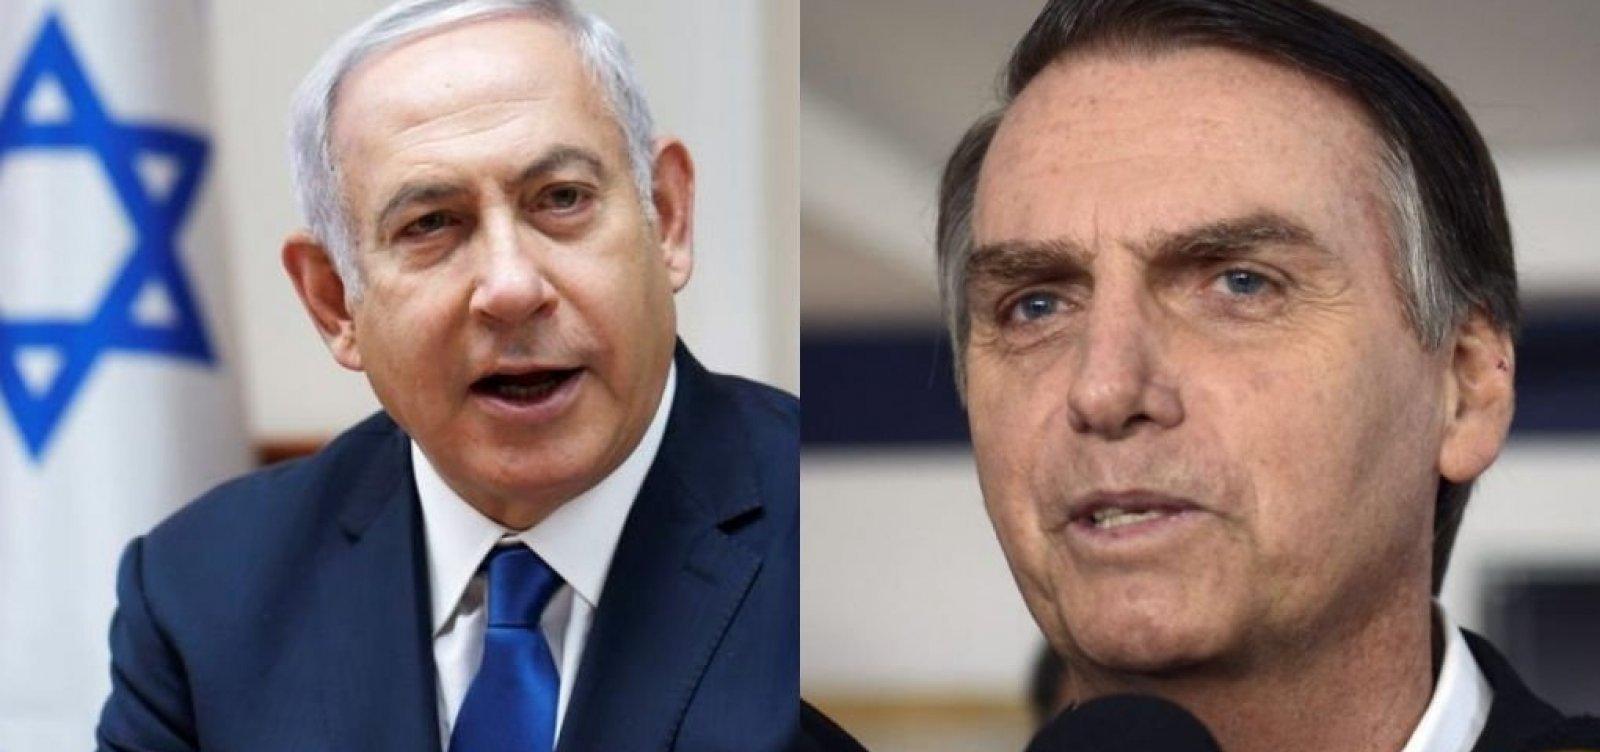 Bolsonaro conversa com primeiro-ministro de Israel sobre testes de novo medicamento contra covid-19